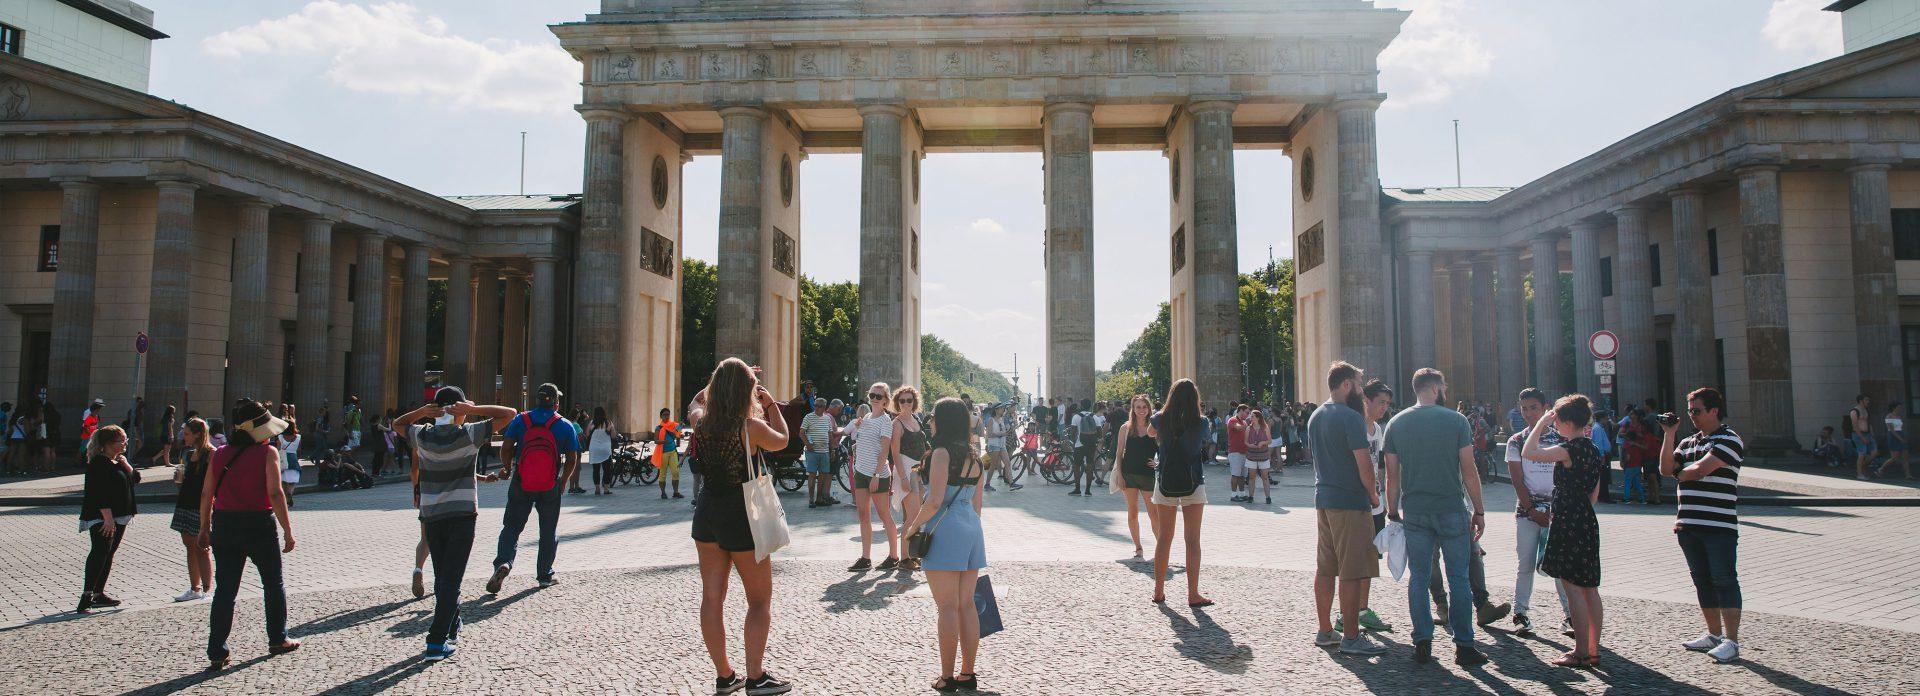 Ting å gjøre i berlin